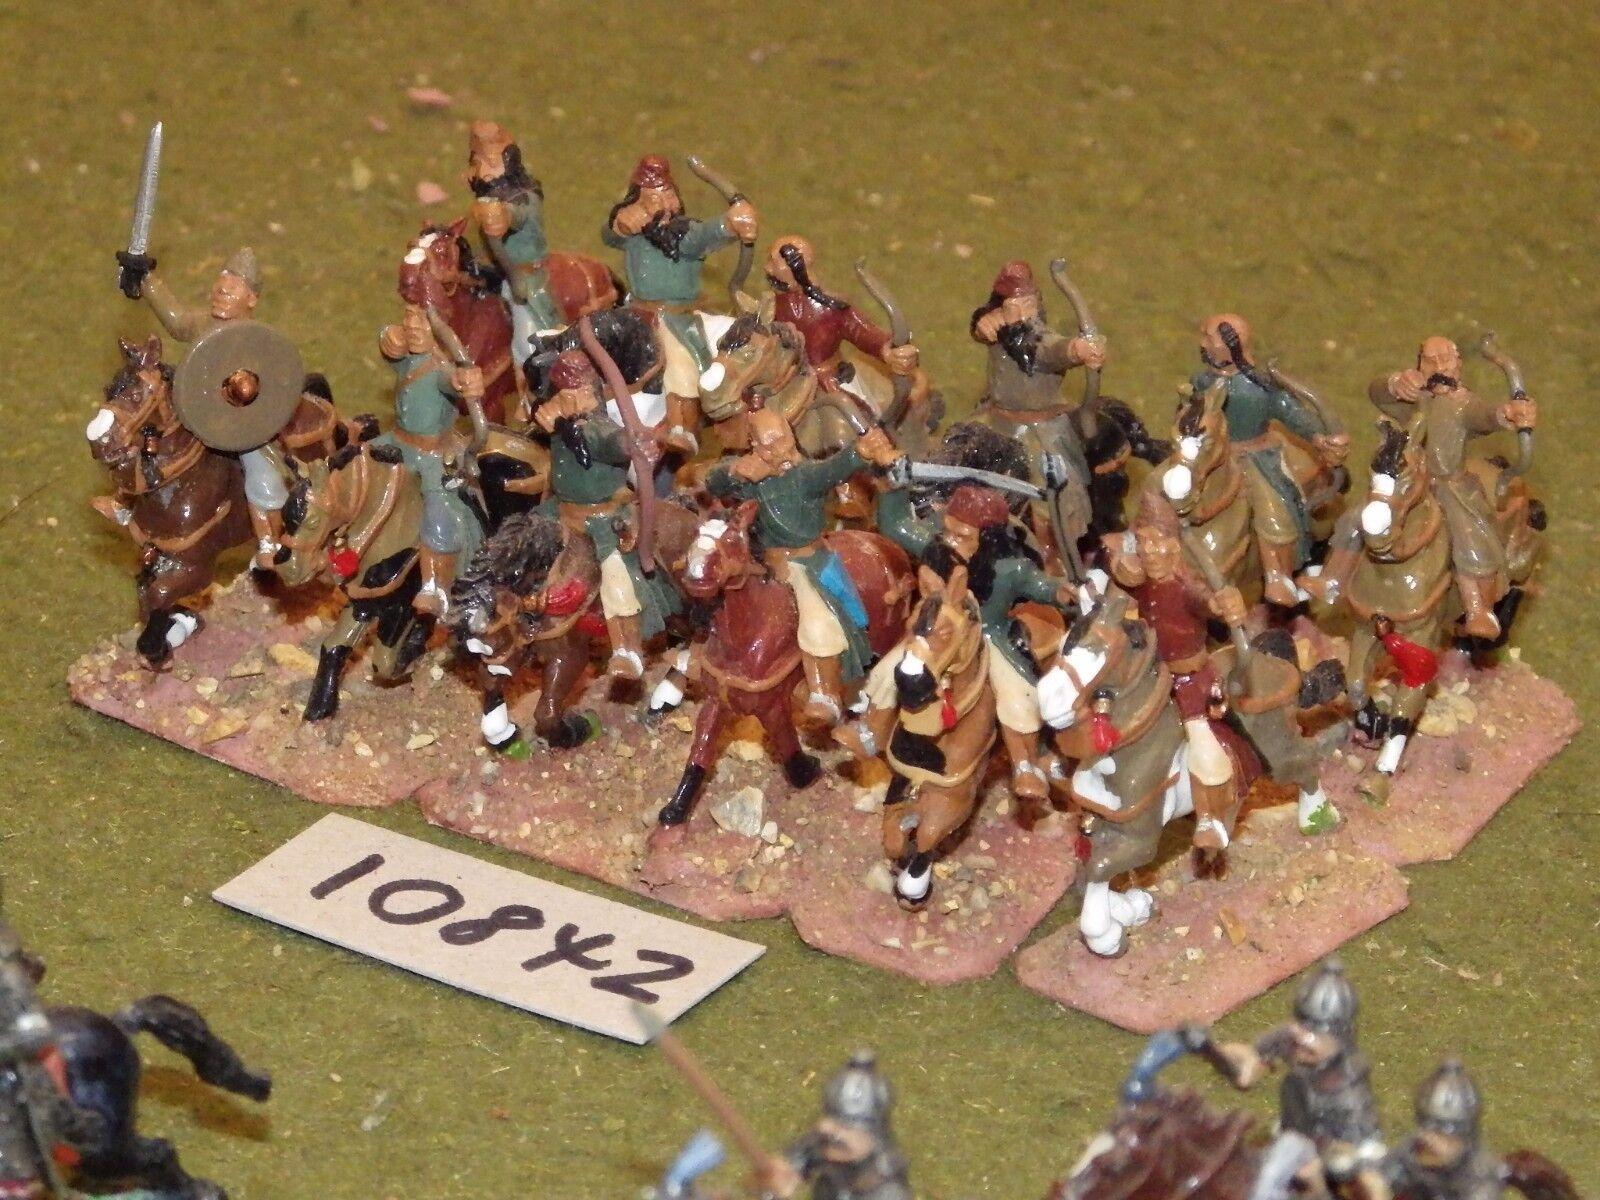 25mm mittelalter   hun - kavallerie 12 kavallerie - cav (10842)